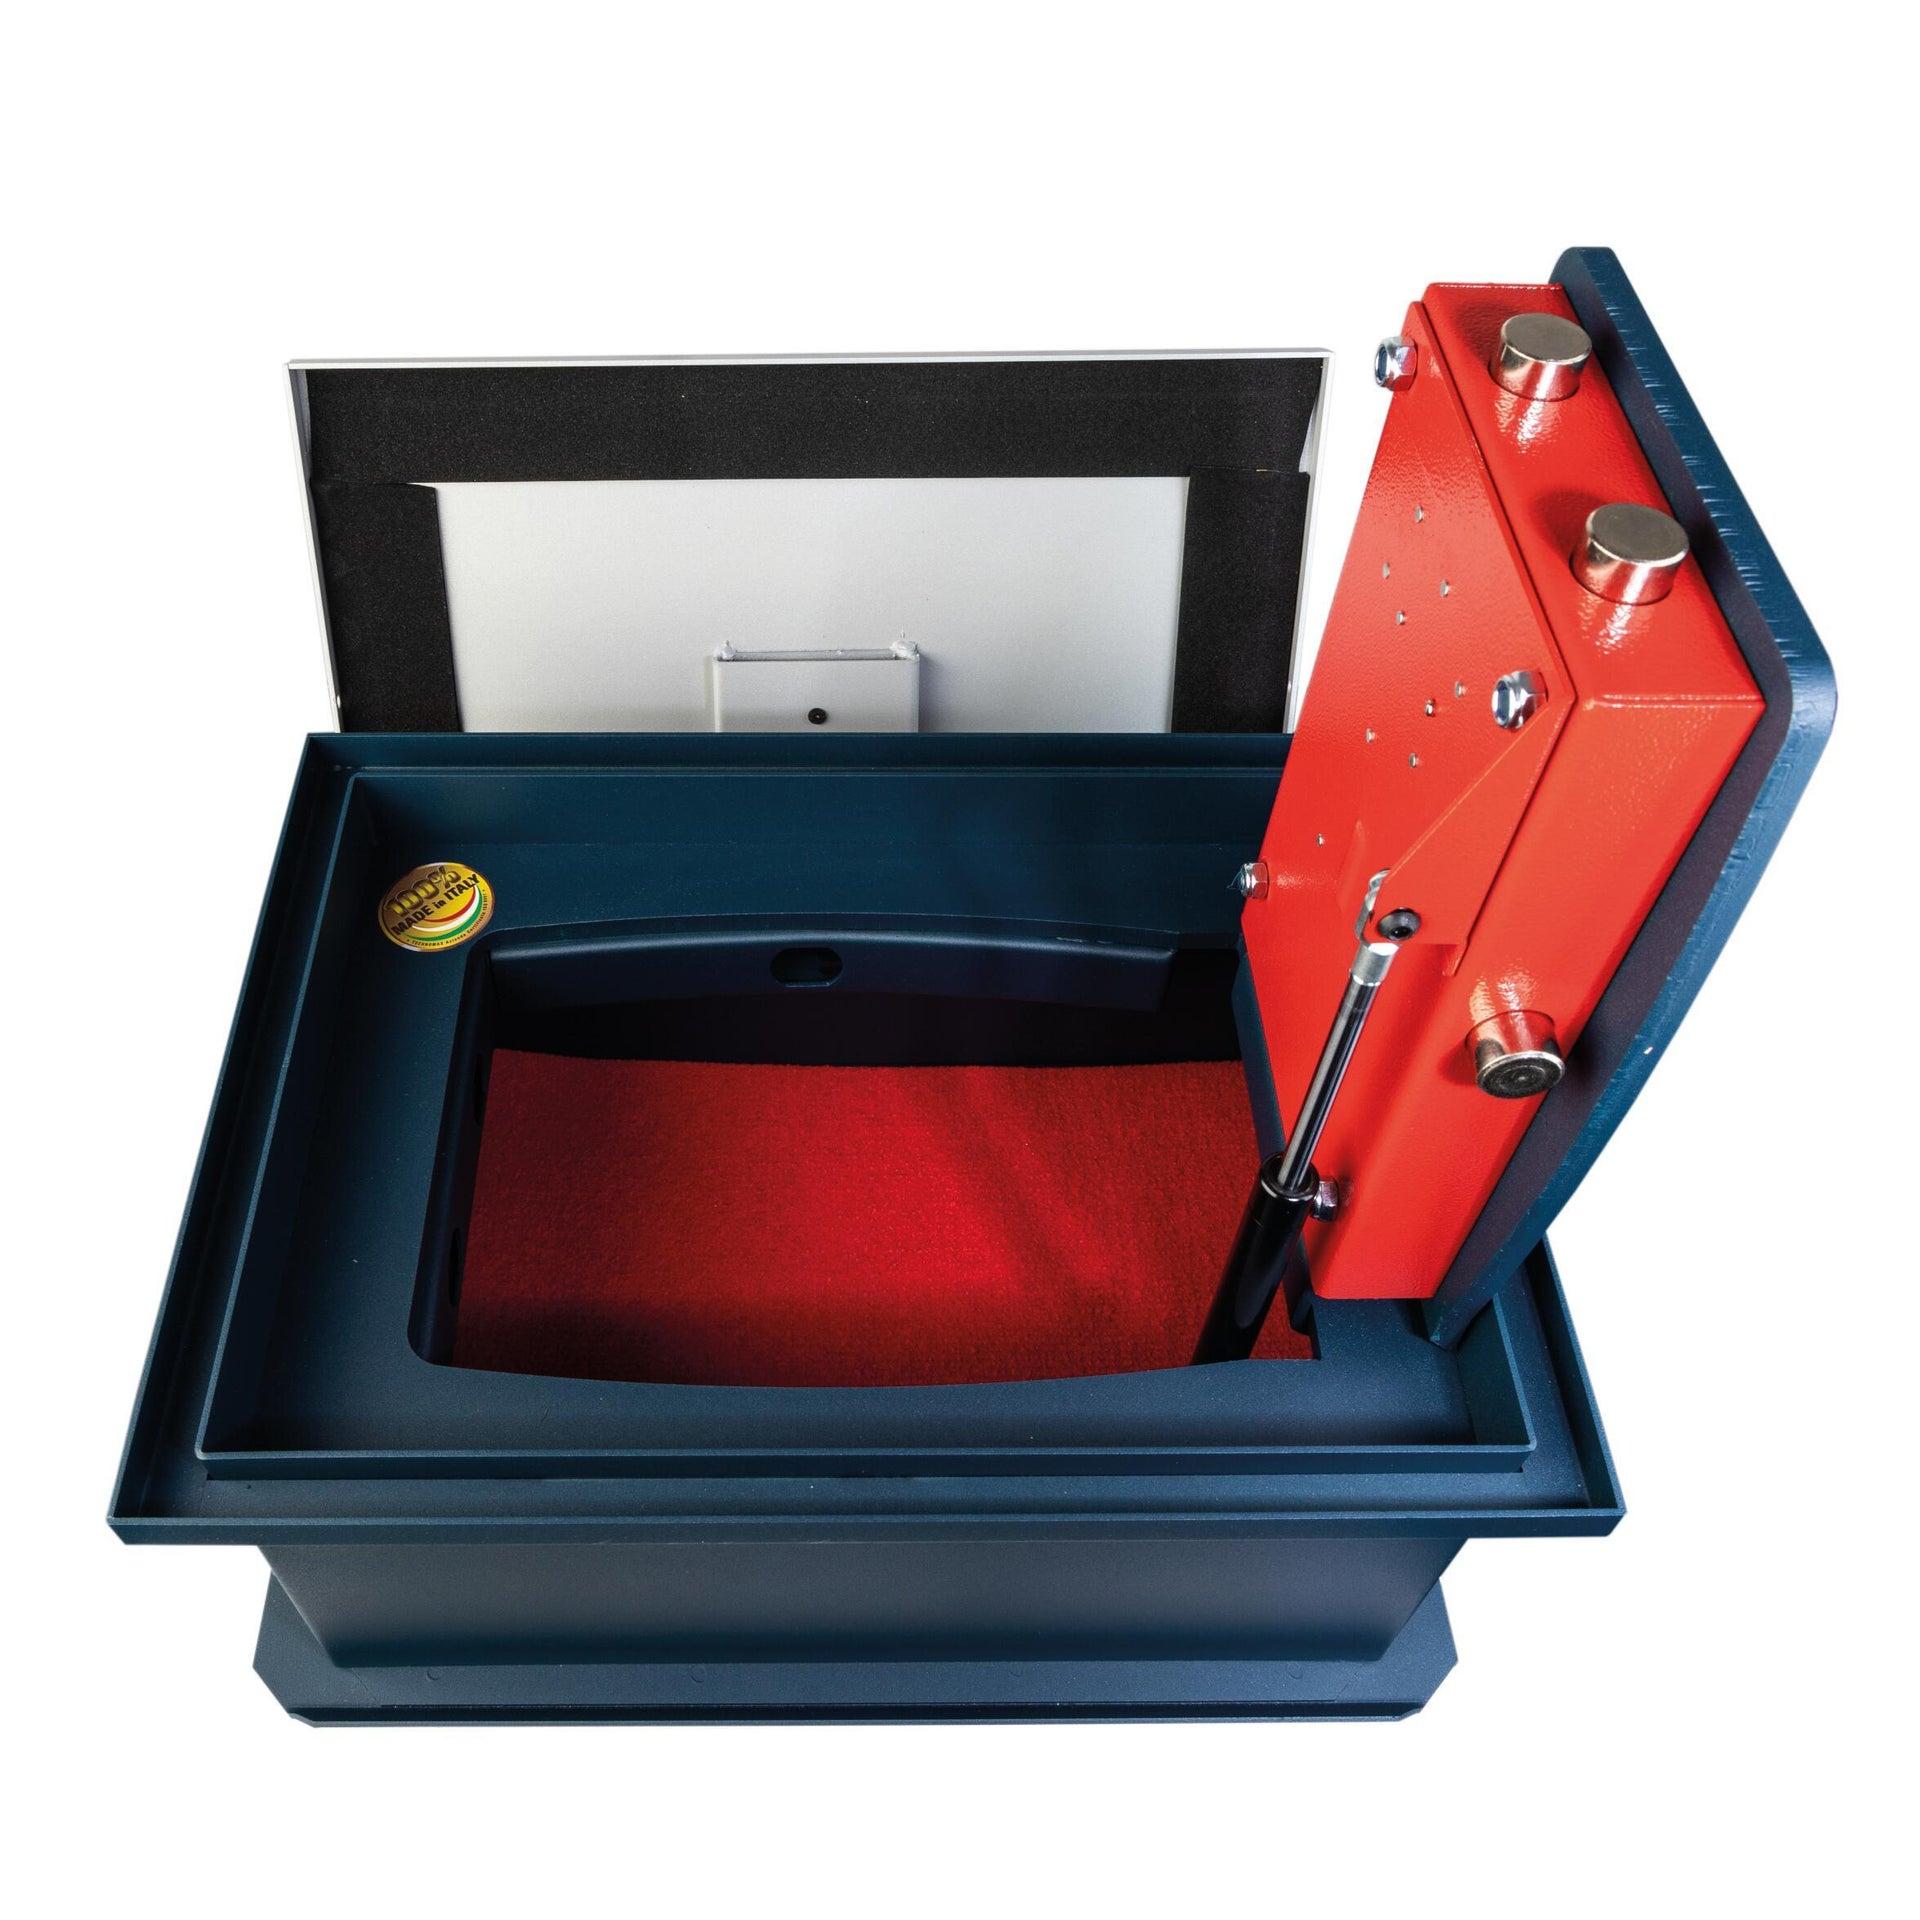 Cassaforte a chiave TECHNOMAX da fissare a parete L44 x P32 x H21 cm - 1